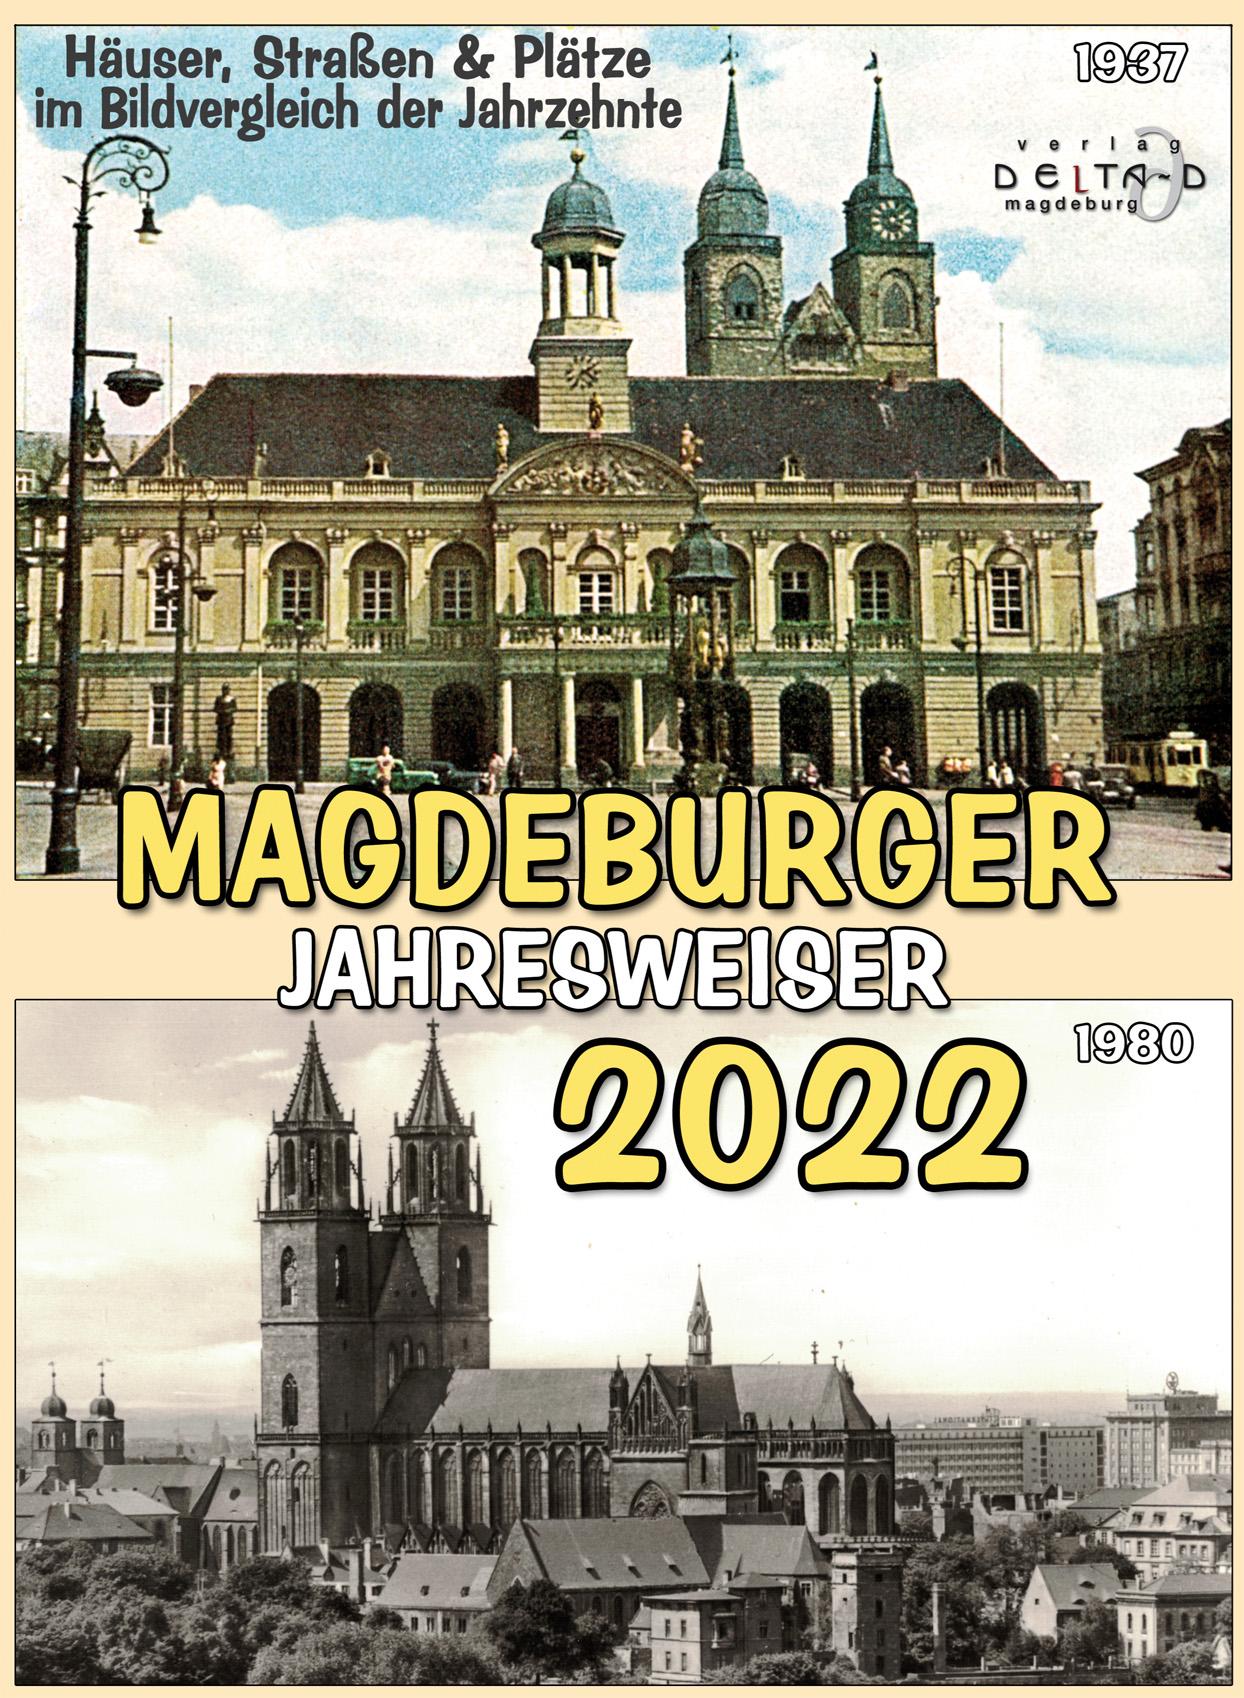 Magdeburger Jahresweiser 2022